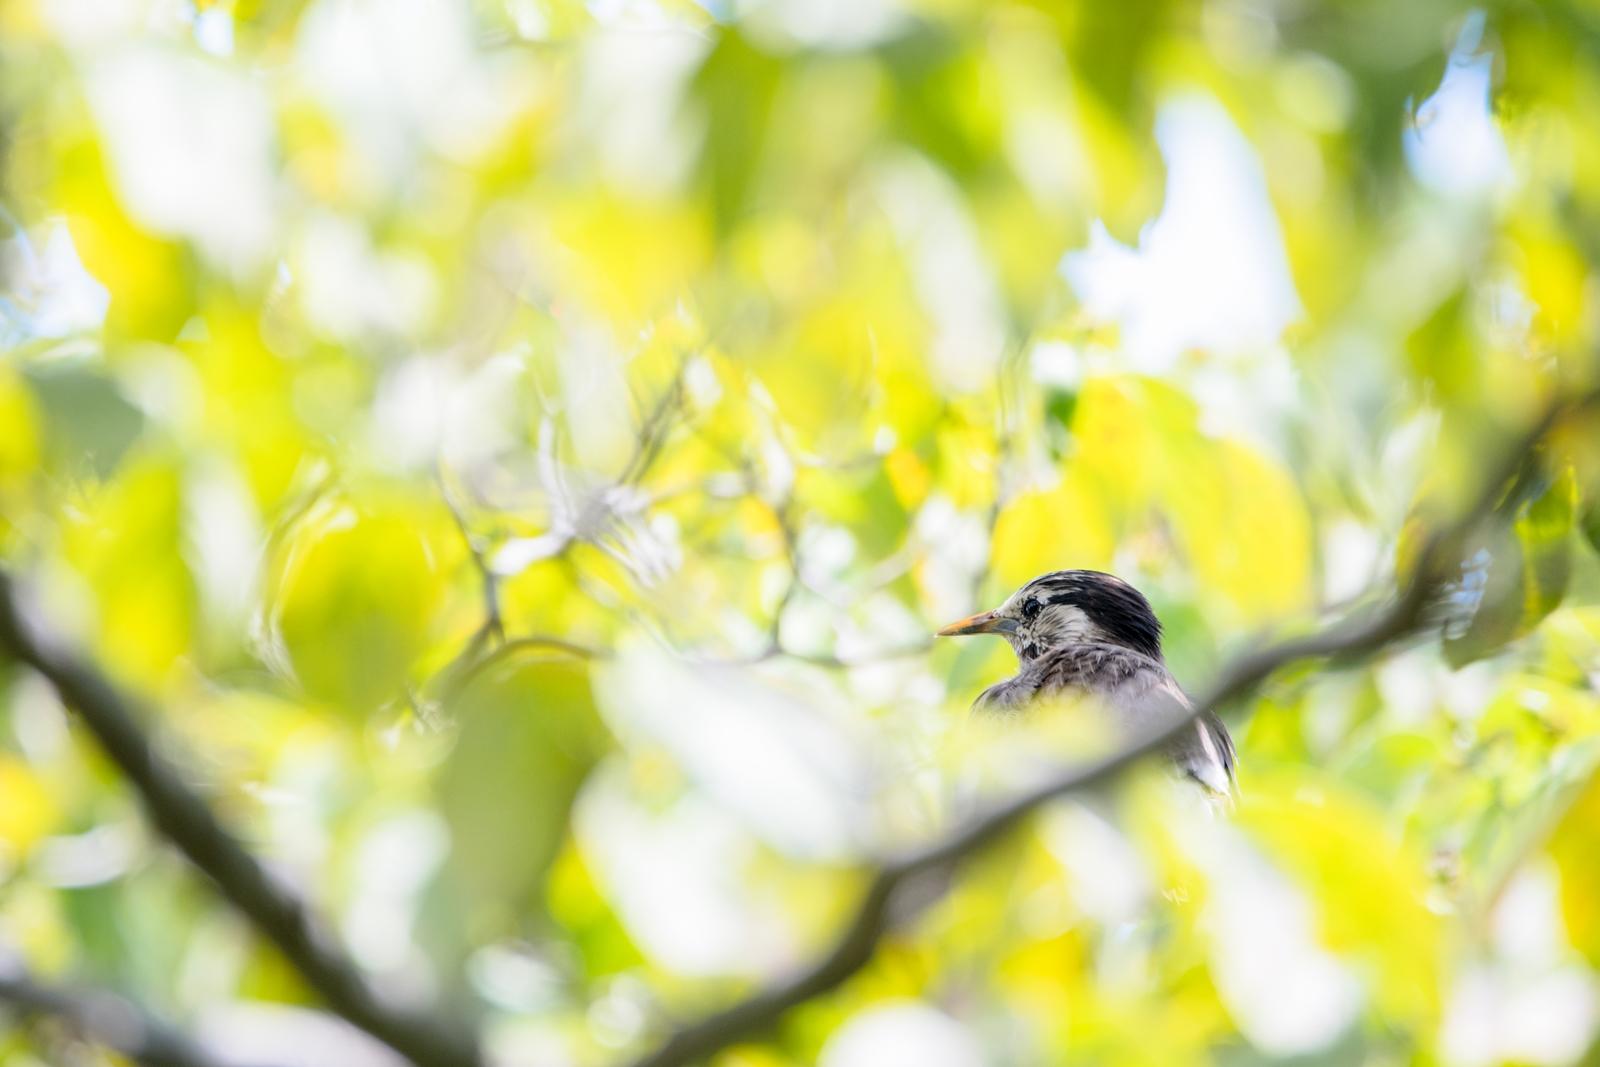 Photo: 「夏の輝きに溶けて」 / Shine of summer.  強い陽射しが葉を抜けて 緑の光に包まれる 色濃い季節 夏の輝きに溶けていく  White-cheeked Starling. (ムクドリ)  Nikon D500 SIGMA 150-600mm F5-6.3 DG OS HSM Contemporary  #birdphotography #birds #kawaii #ことり #小鳥 #nikon #sigma  ( http://takafumiooshio.com/archives/2780 )